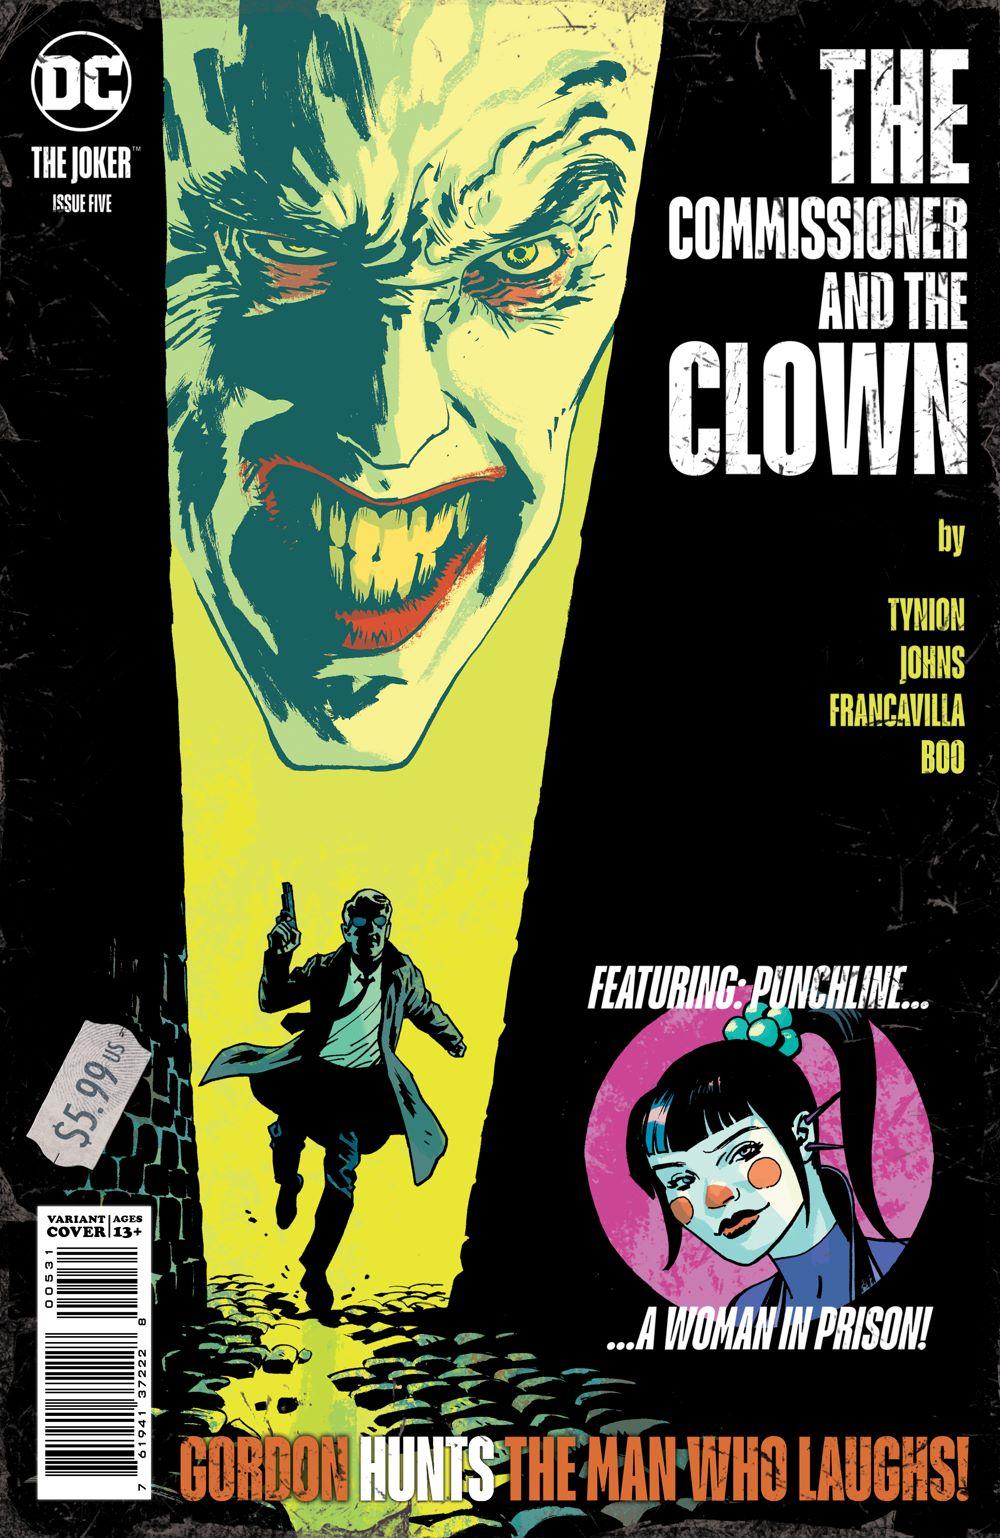 THEJOKER_Cv5_var2 DC Comics July 2021 Solicitations